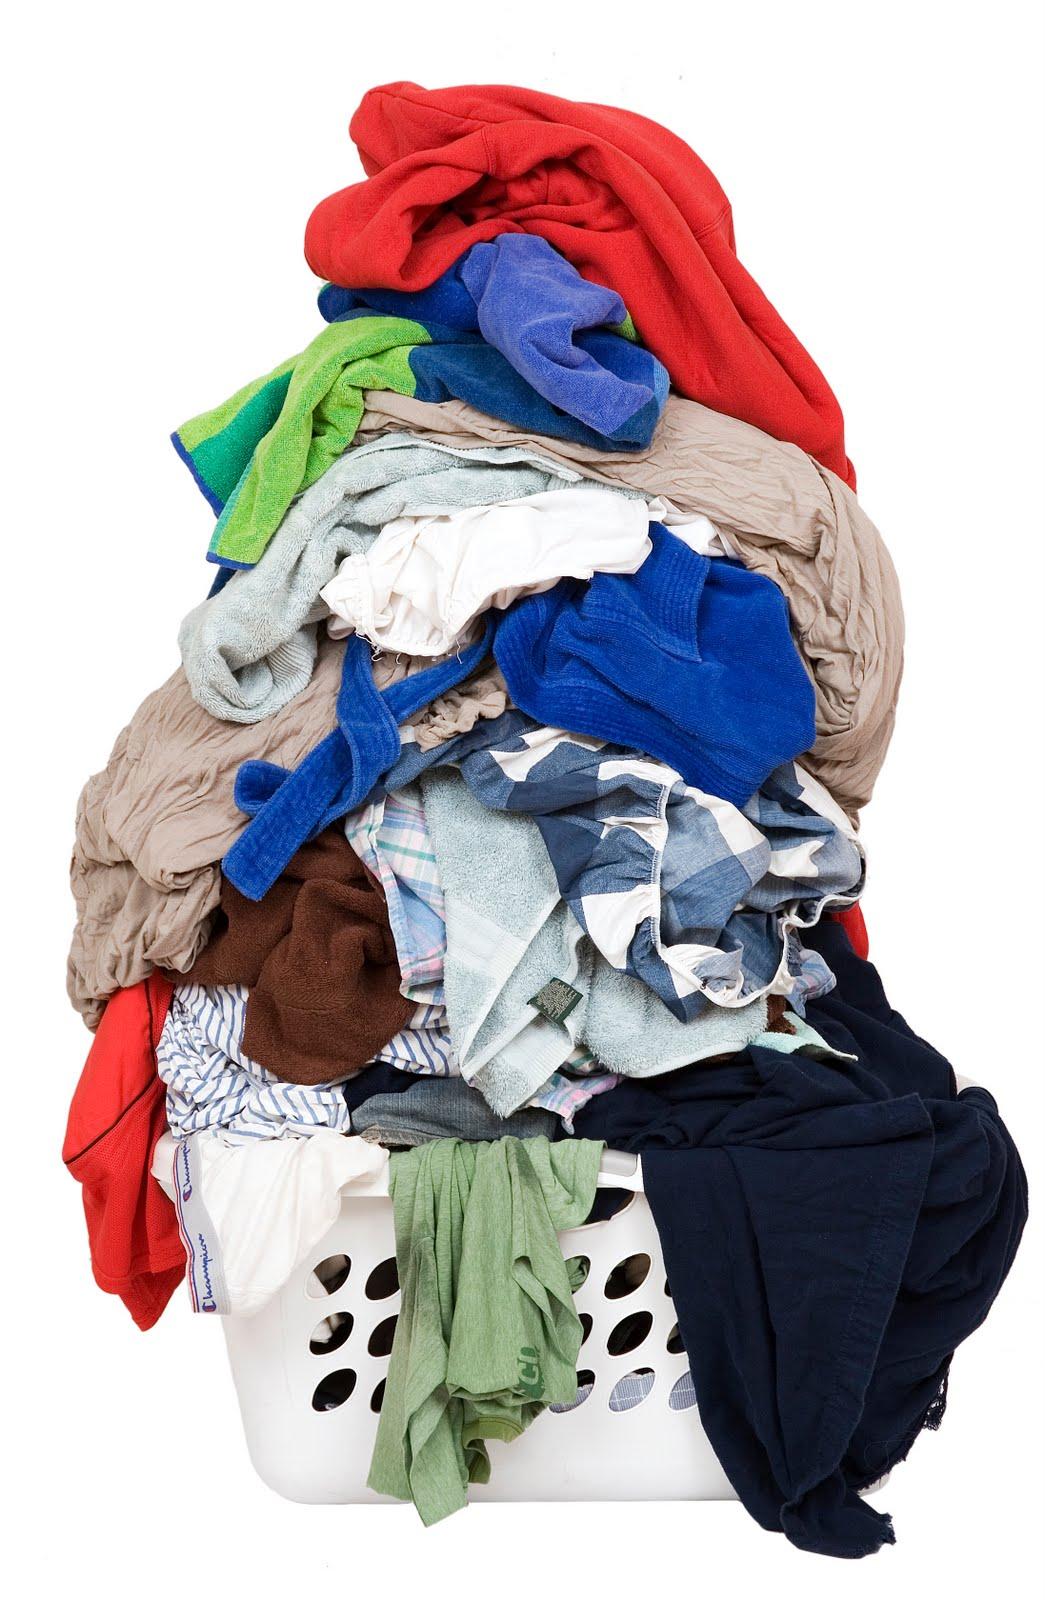 http://4.bp.blogspot.com/-Kgt5e7QmQCg/TZ9vt2lXPaI/AAAAAAAACfs/hQyjdnL2fU0/s1600/laundry-basket-web.jpg